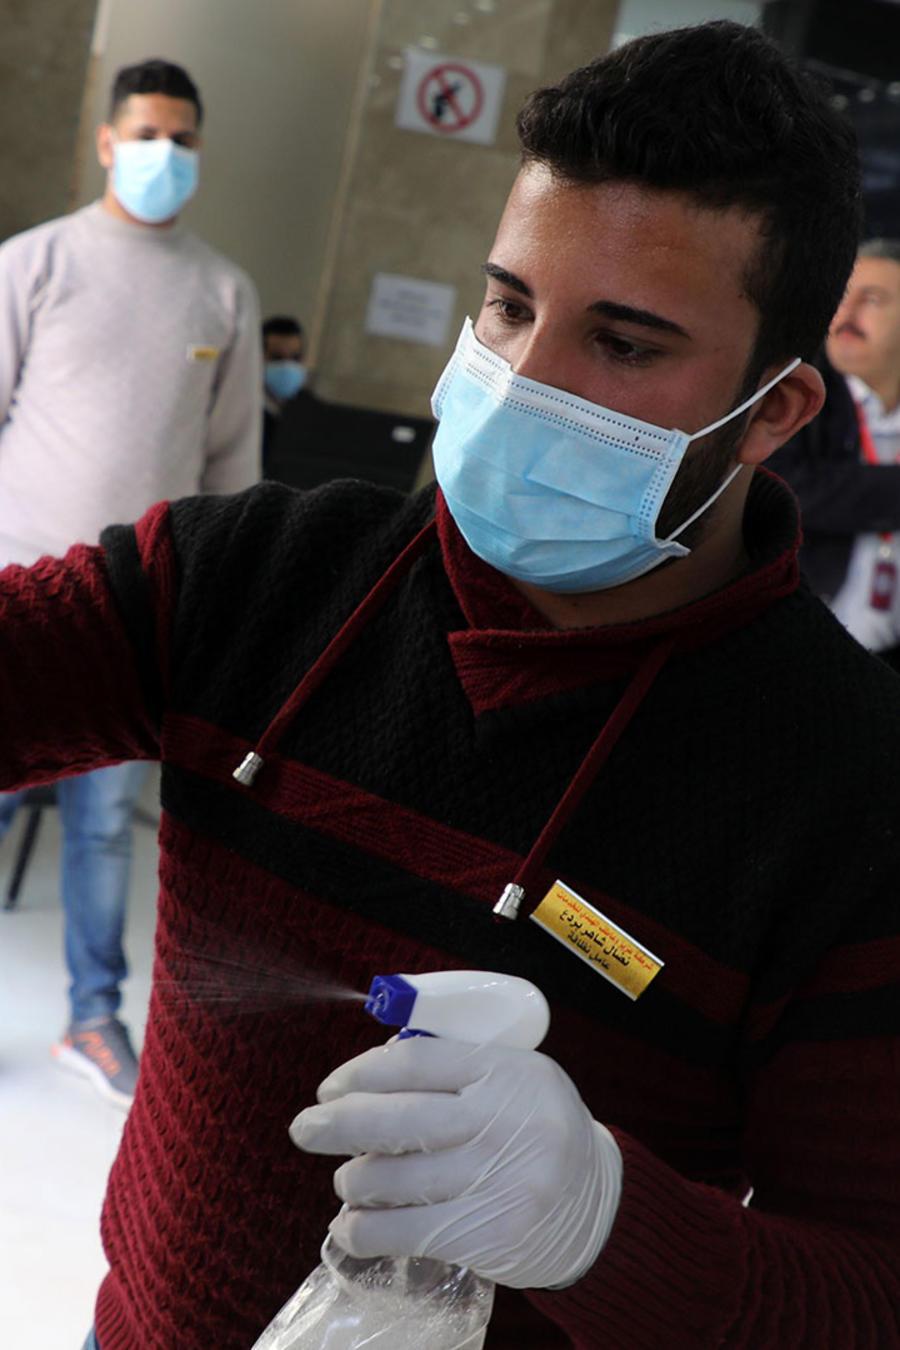 Empleado sanitizando